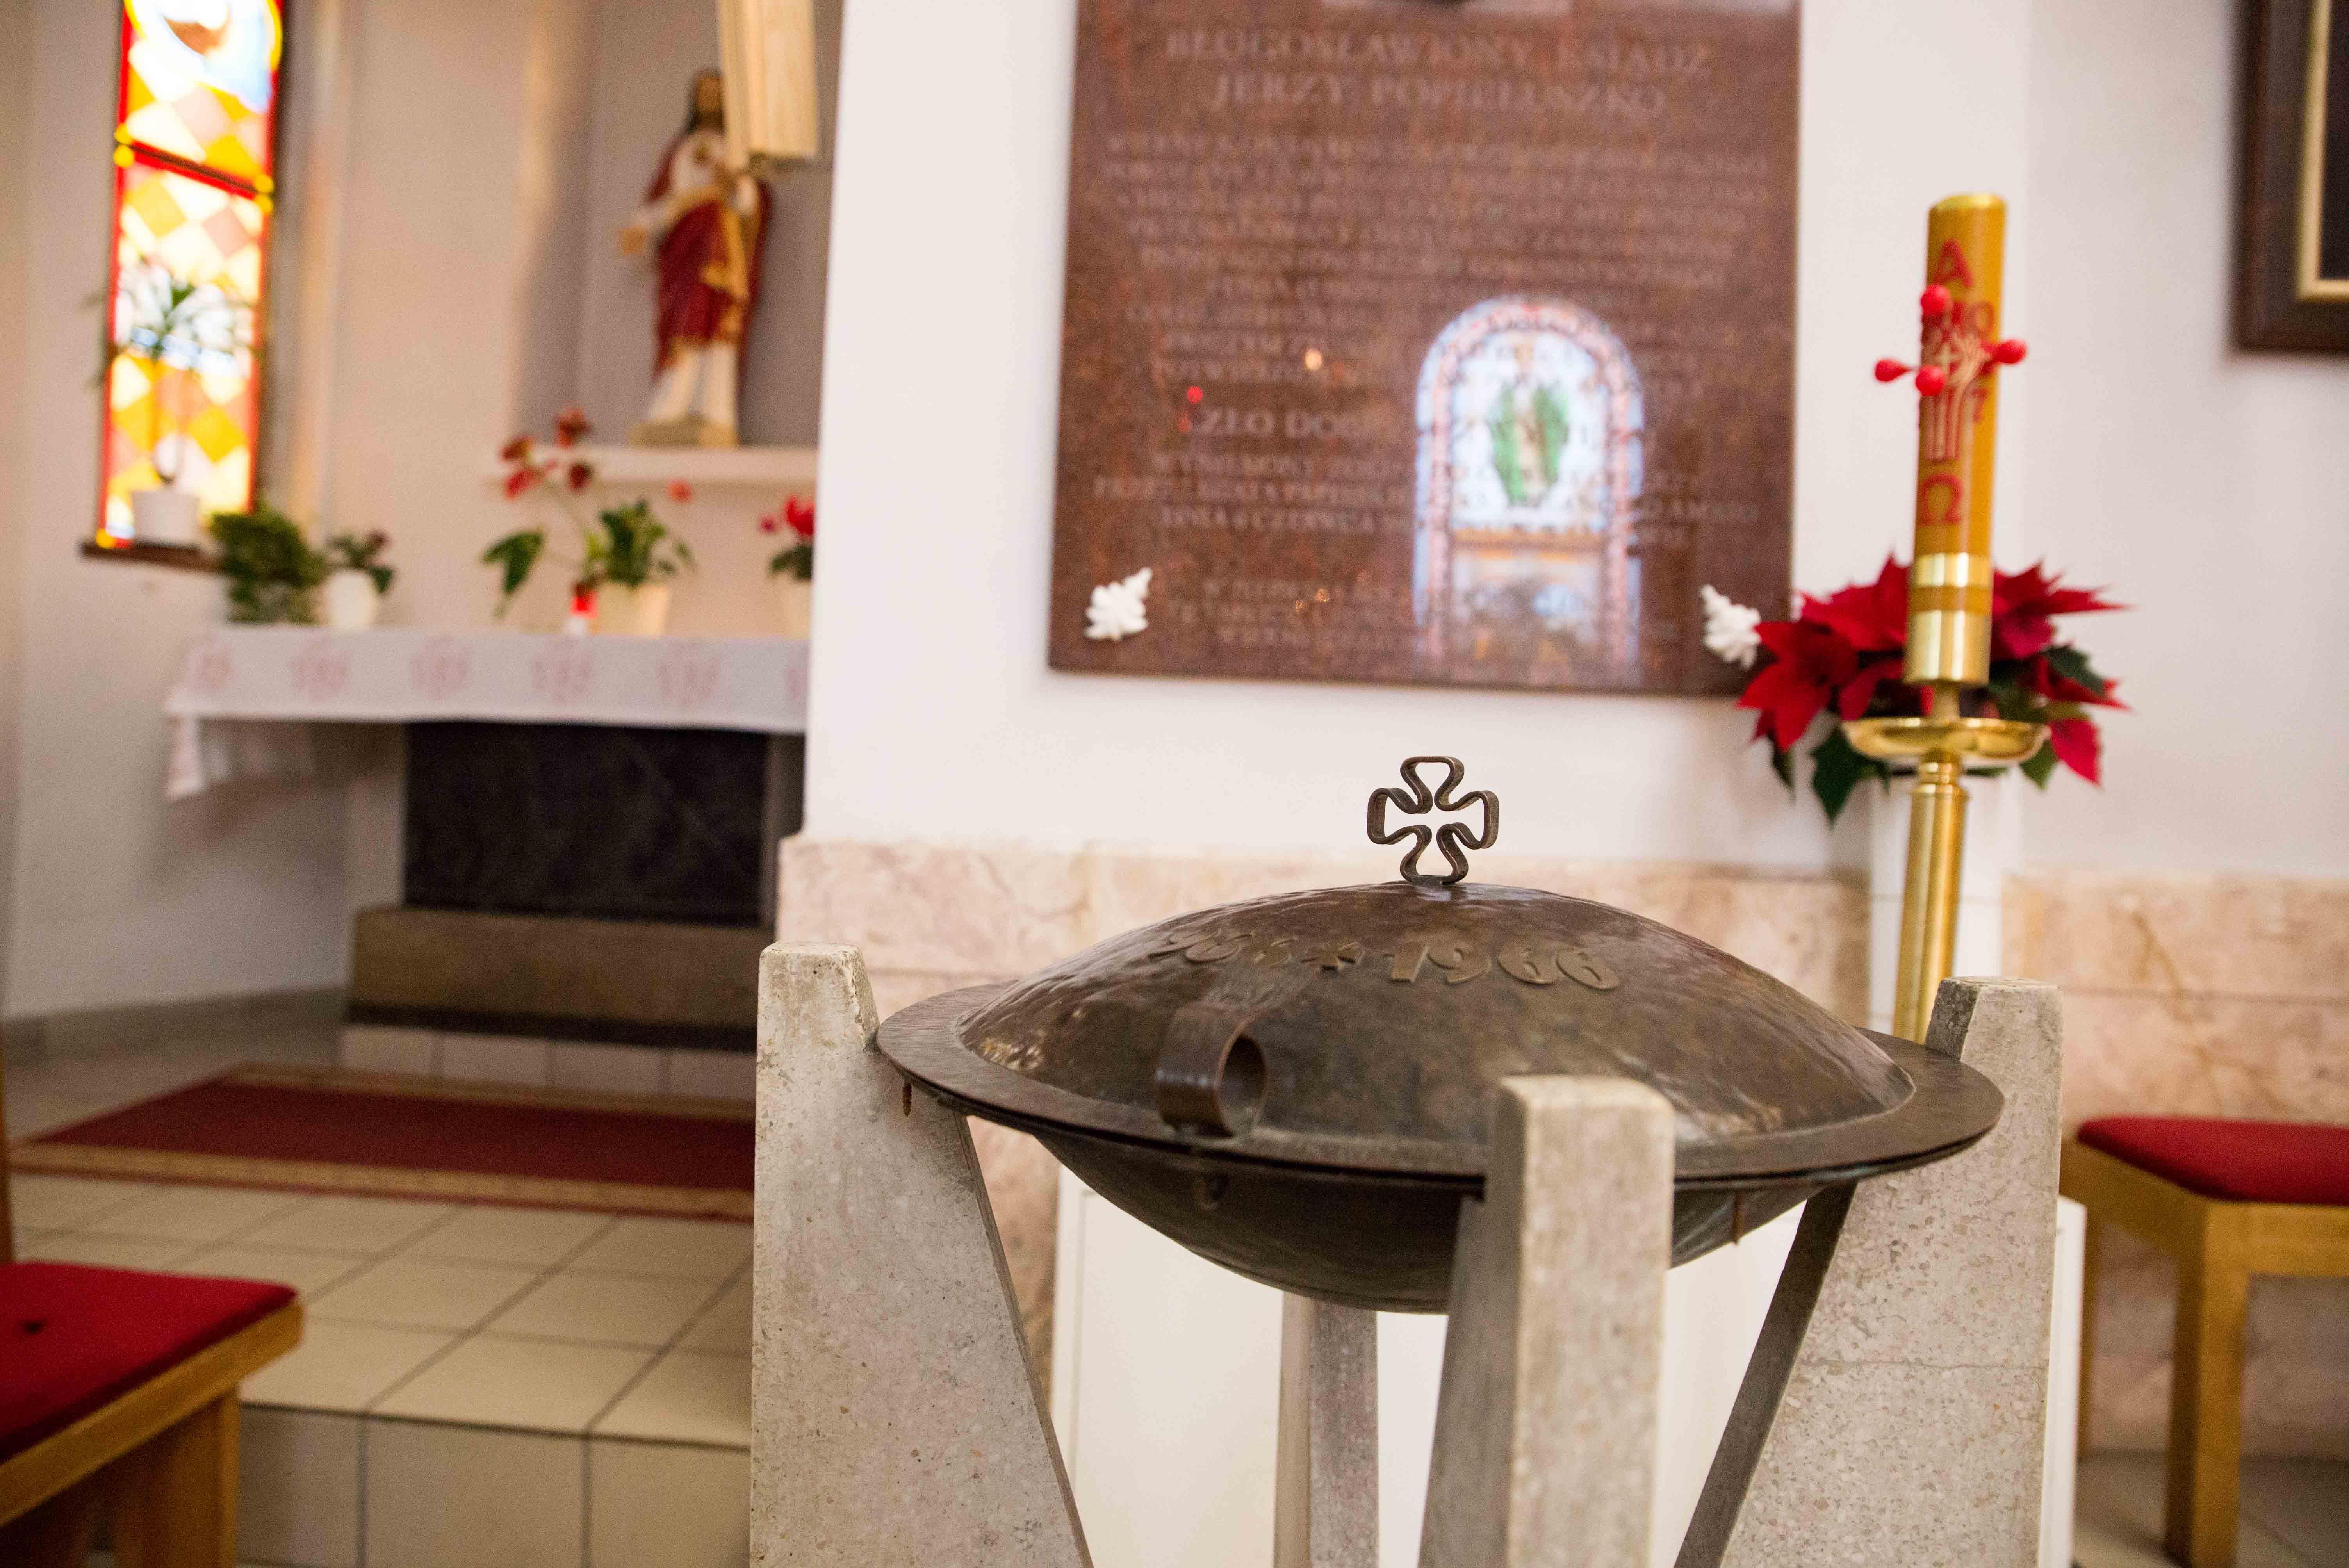 Kosciol Najswietszej Maryi Panny Czestochowskiej we Wroclawiu male (9)